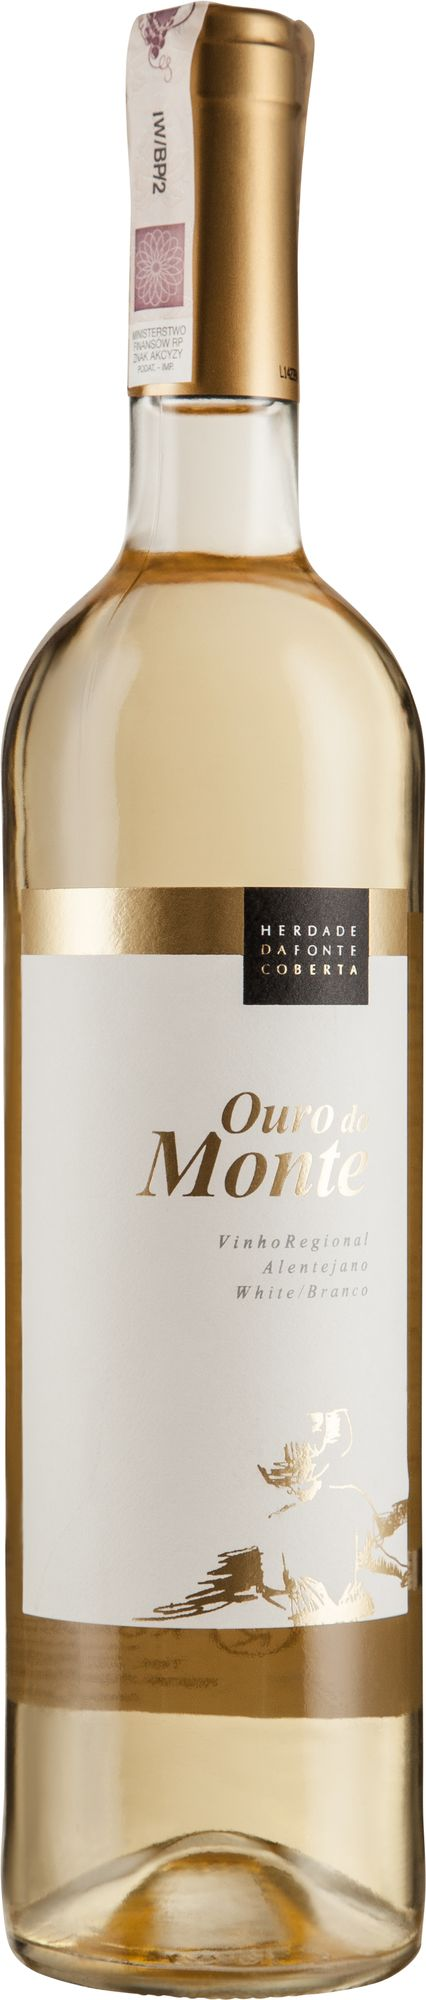 Wino Ouro de Monte Branco Alentejano VR